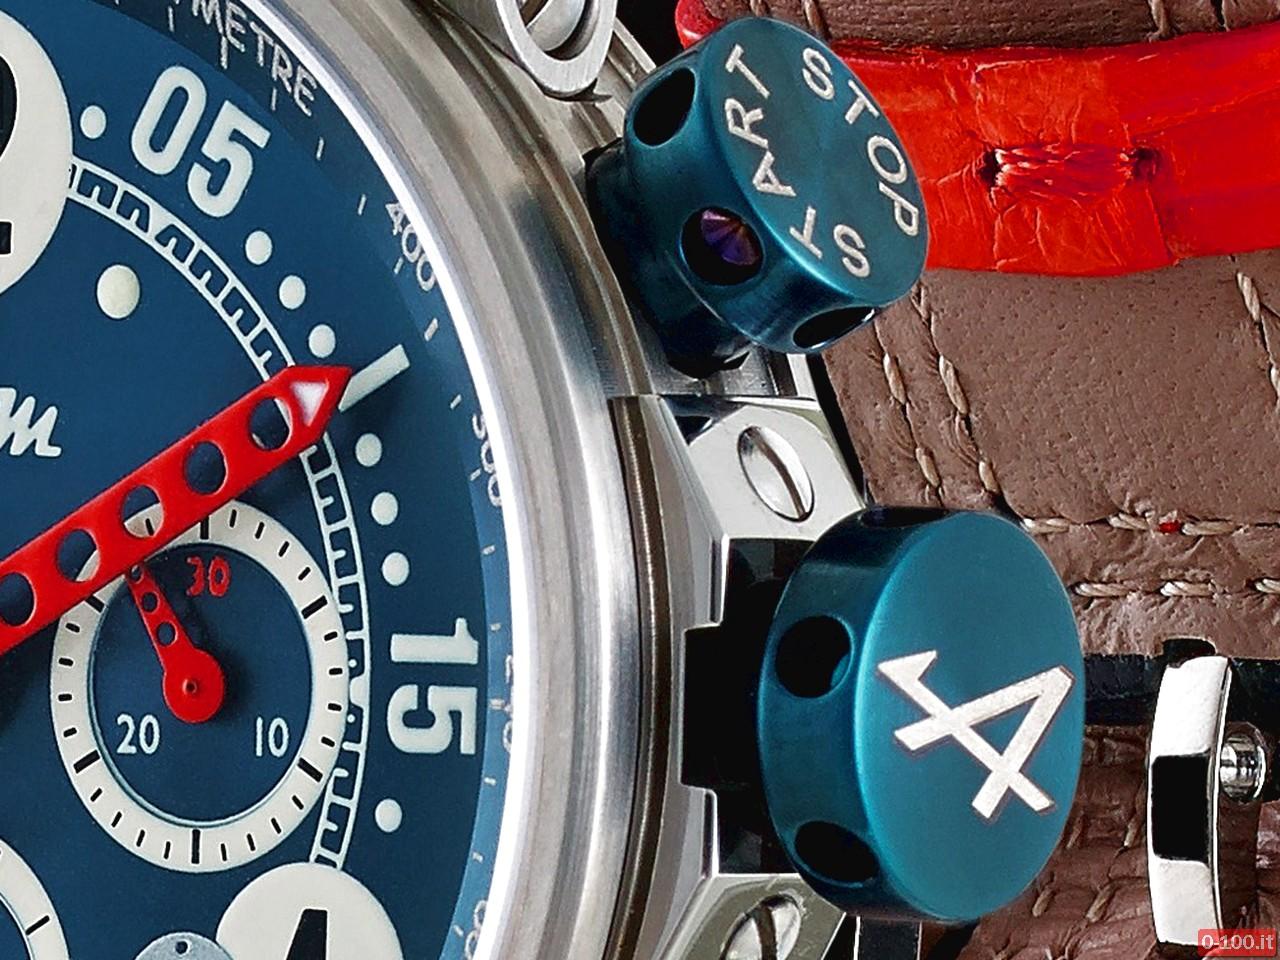 BRM_V12-44-Alpine_0-1sdf00_1